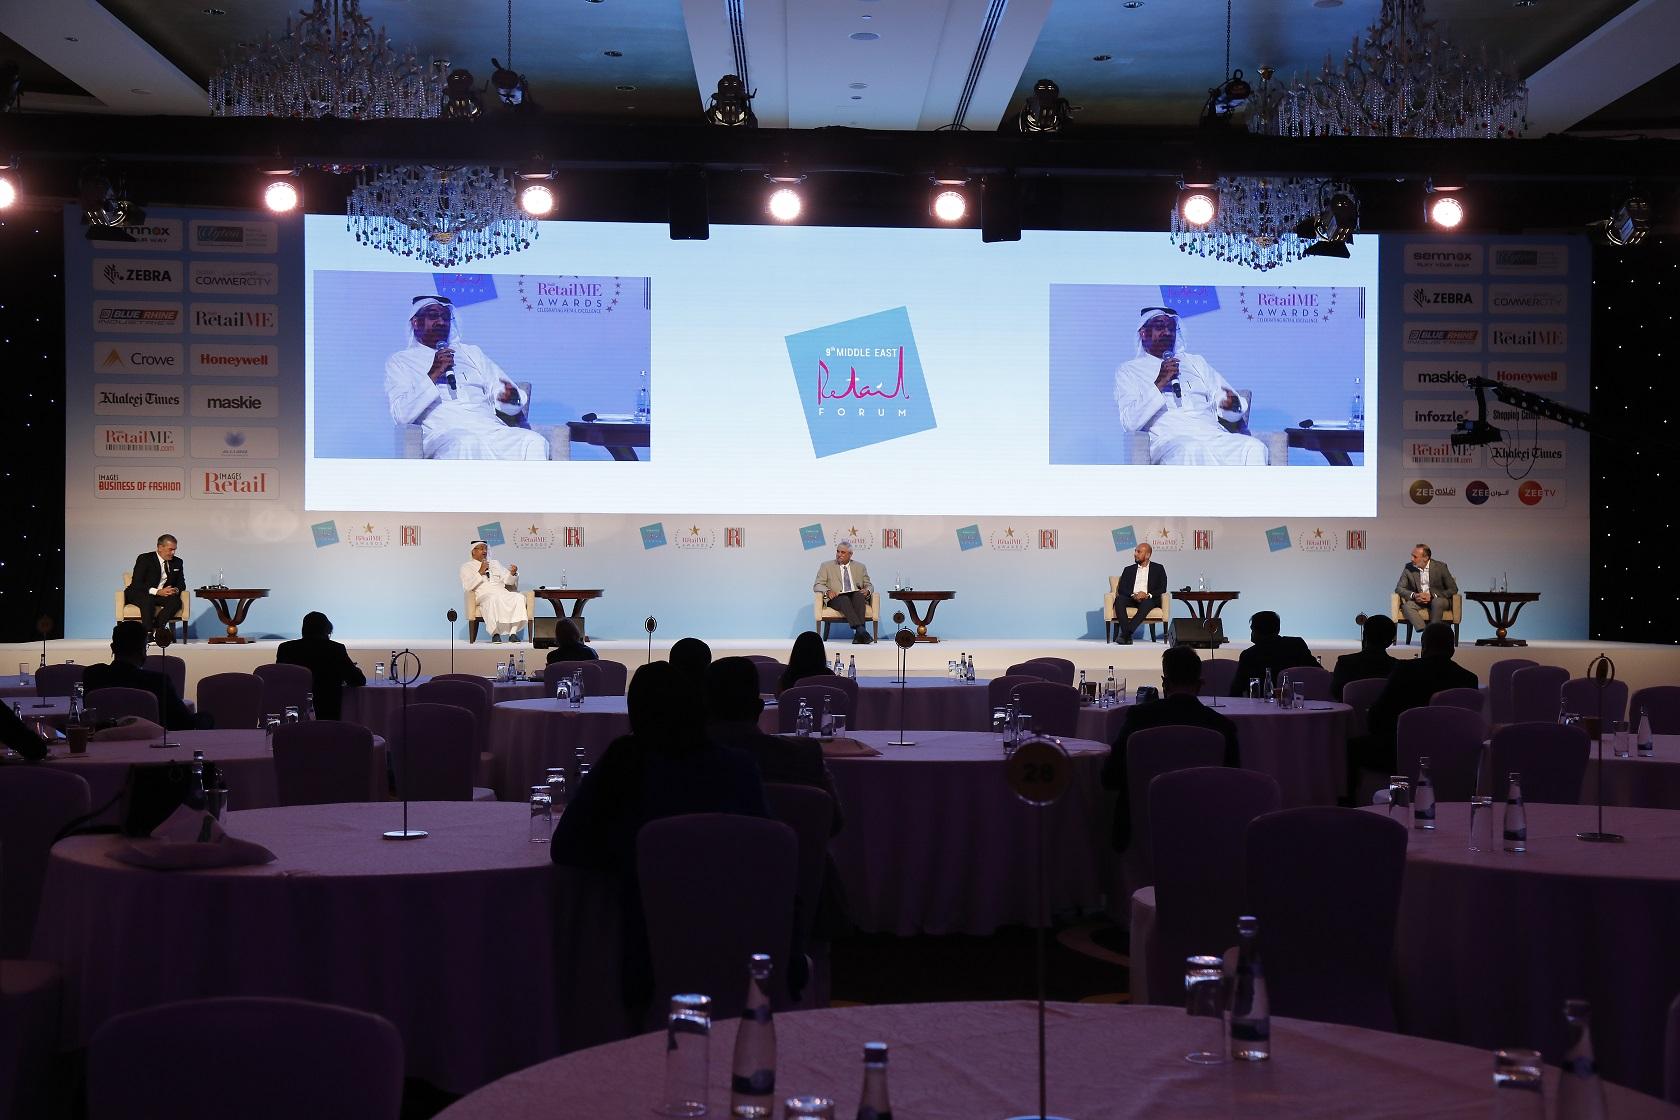 منتدى ريتال الشرق الأوسط التاسع يدعو تجار التجزئة إلى الاستعداد للمكاسب الهائلة من التحول الرقمي